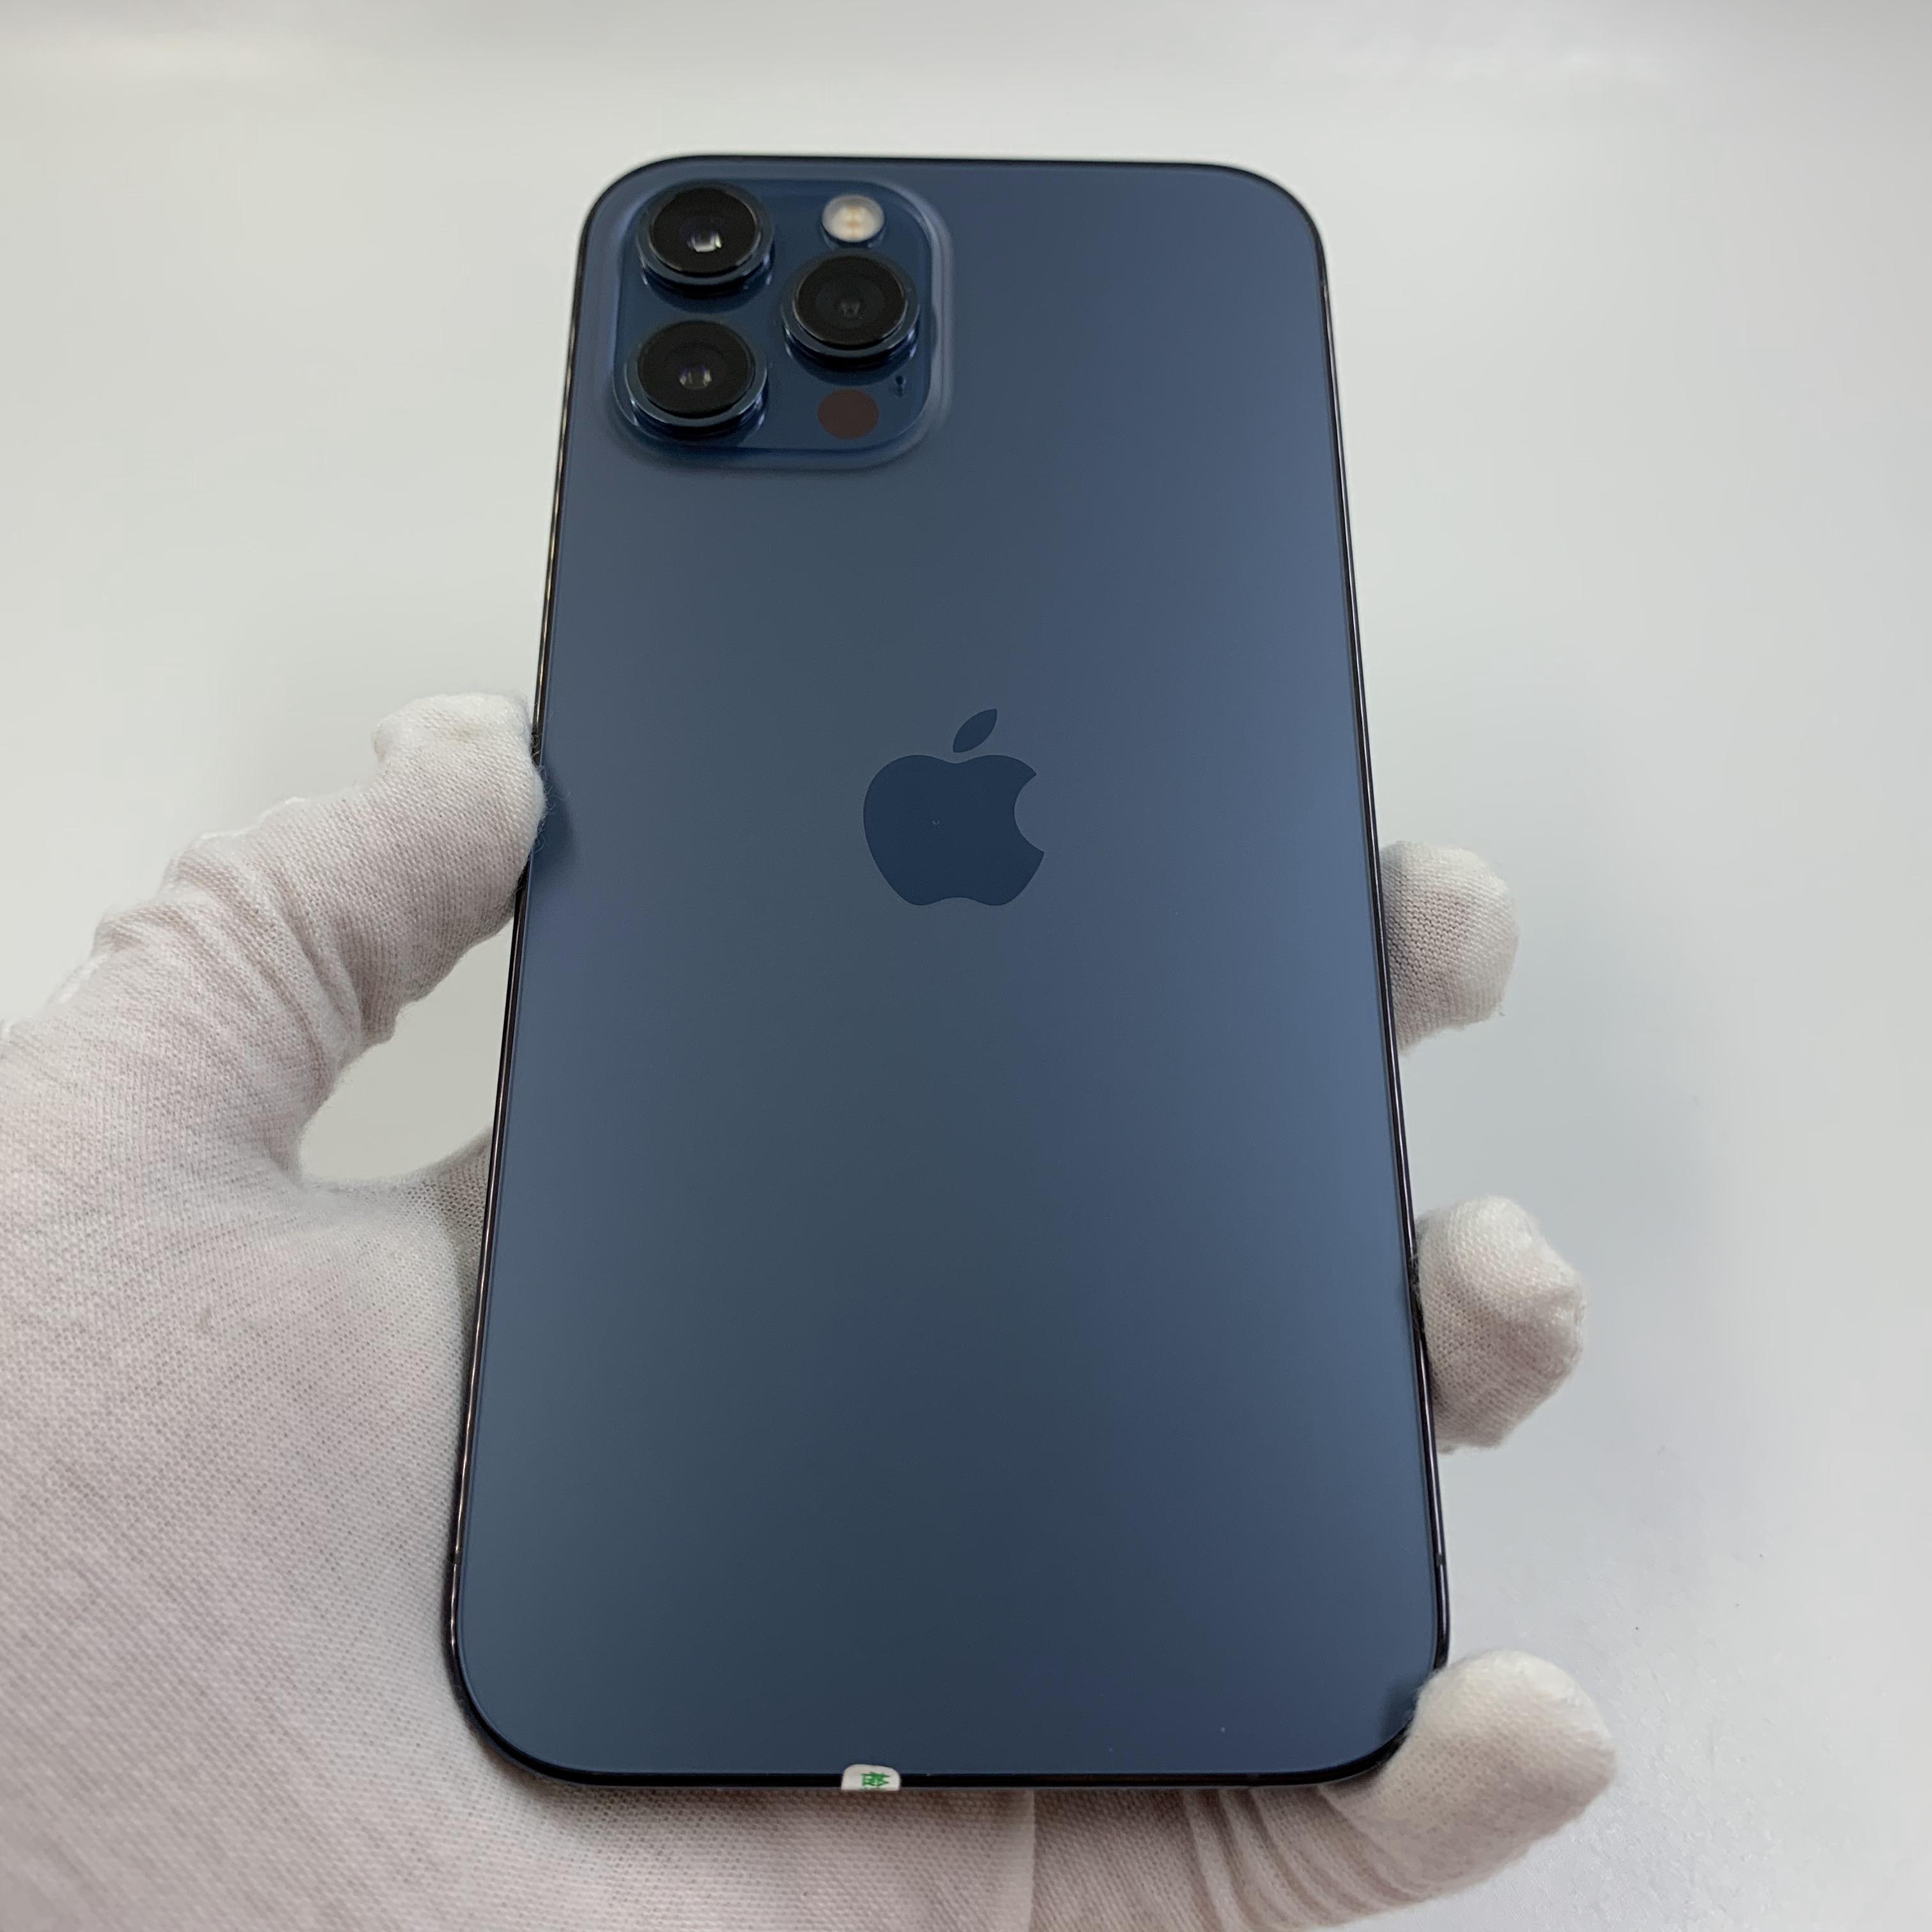 苹果【iPhone 12 Pro Max】4G全网通 海蓝色 256G 国行 95新 真机实拍官保2021-12-29